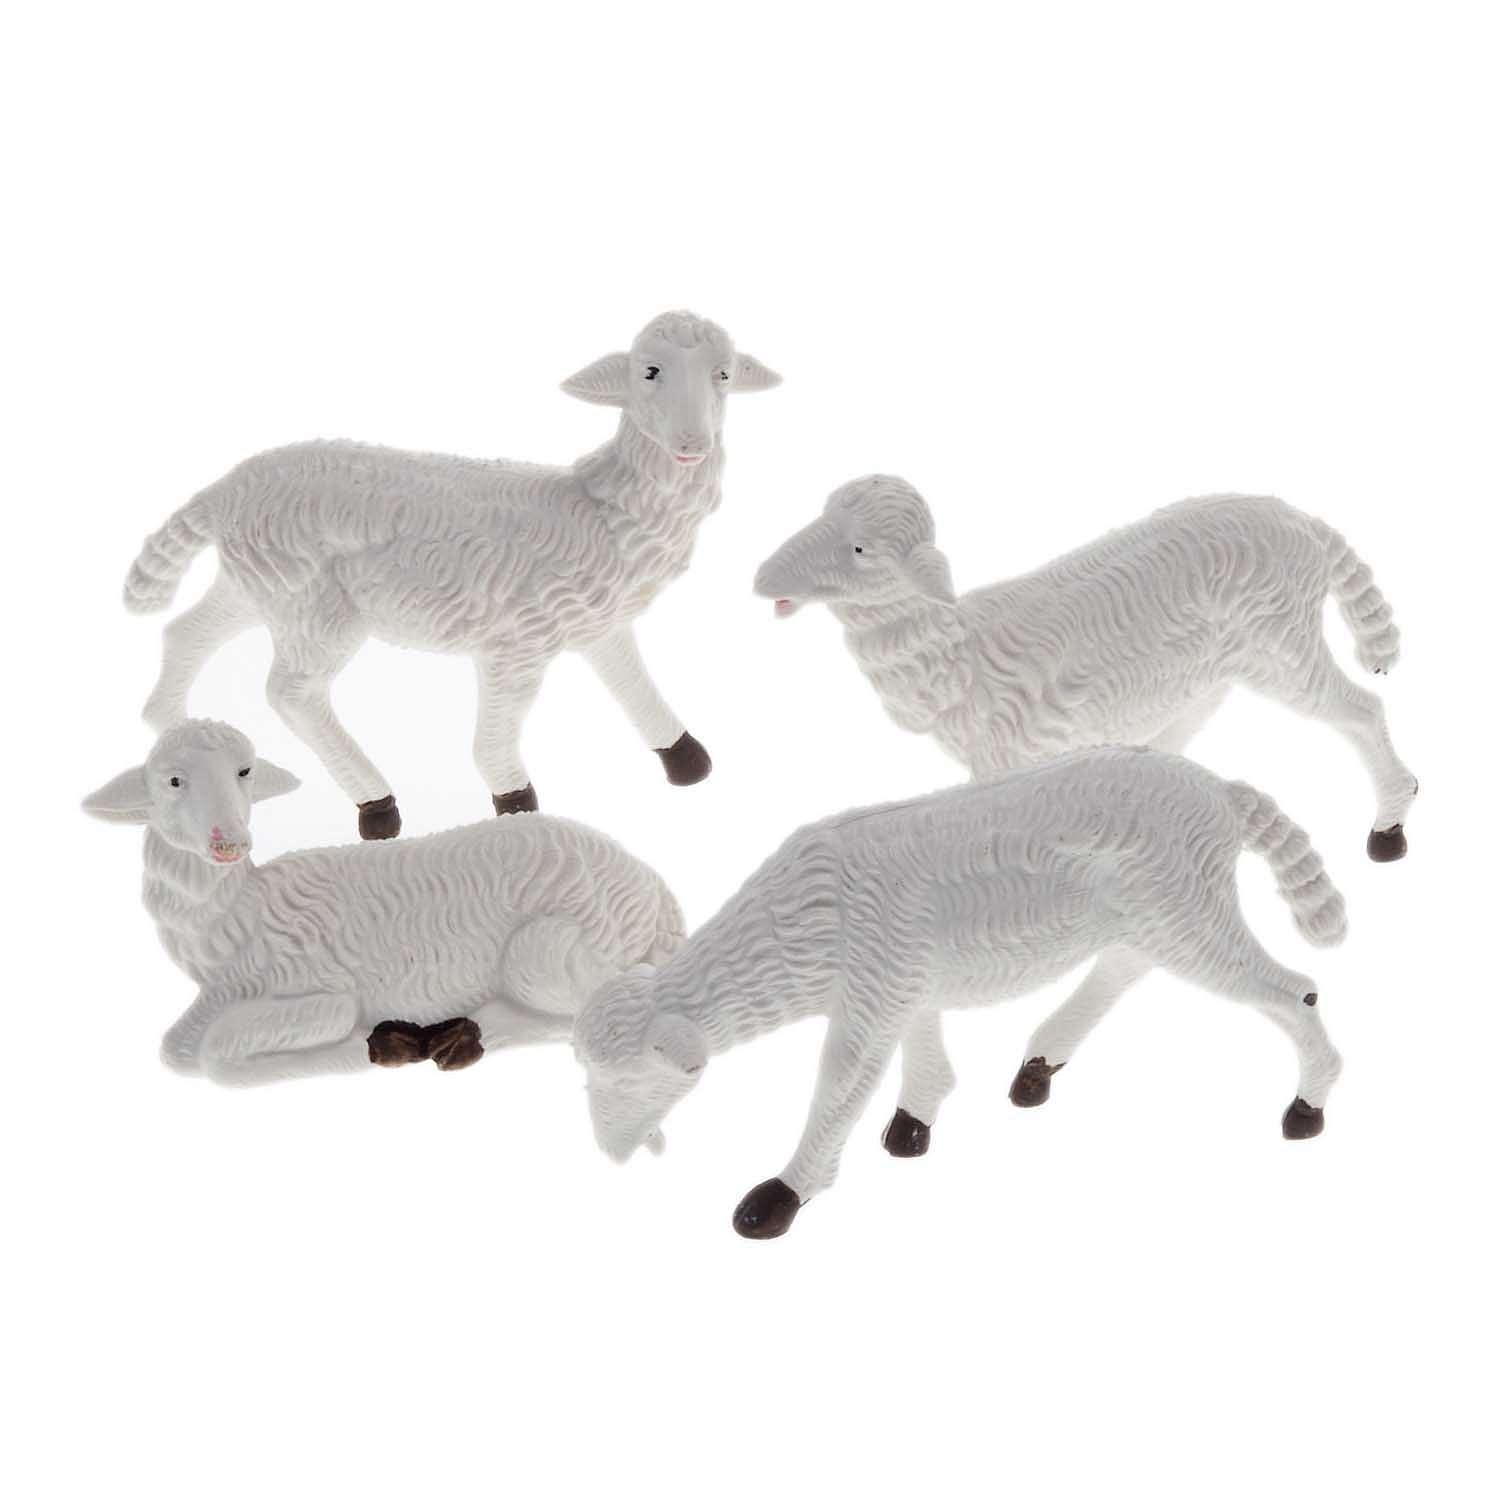 Pecore plastica bianca 4 pz. per presepe di altezza media 16 cm 3